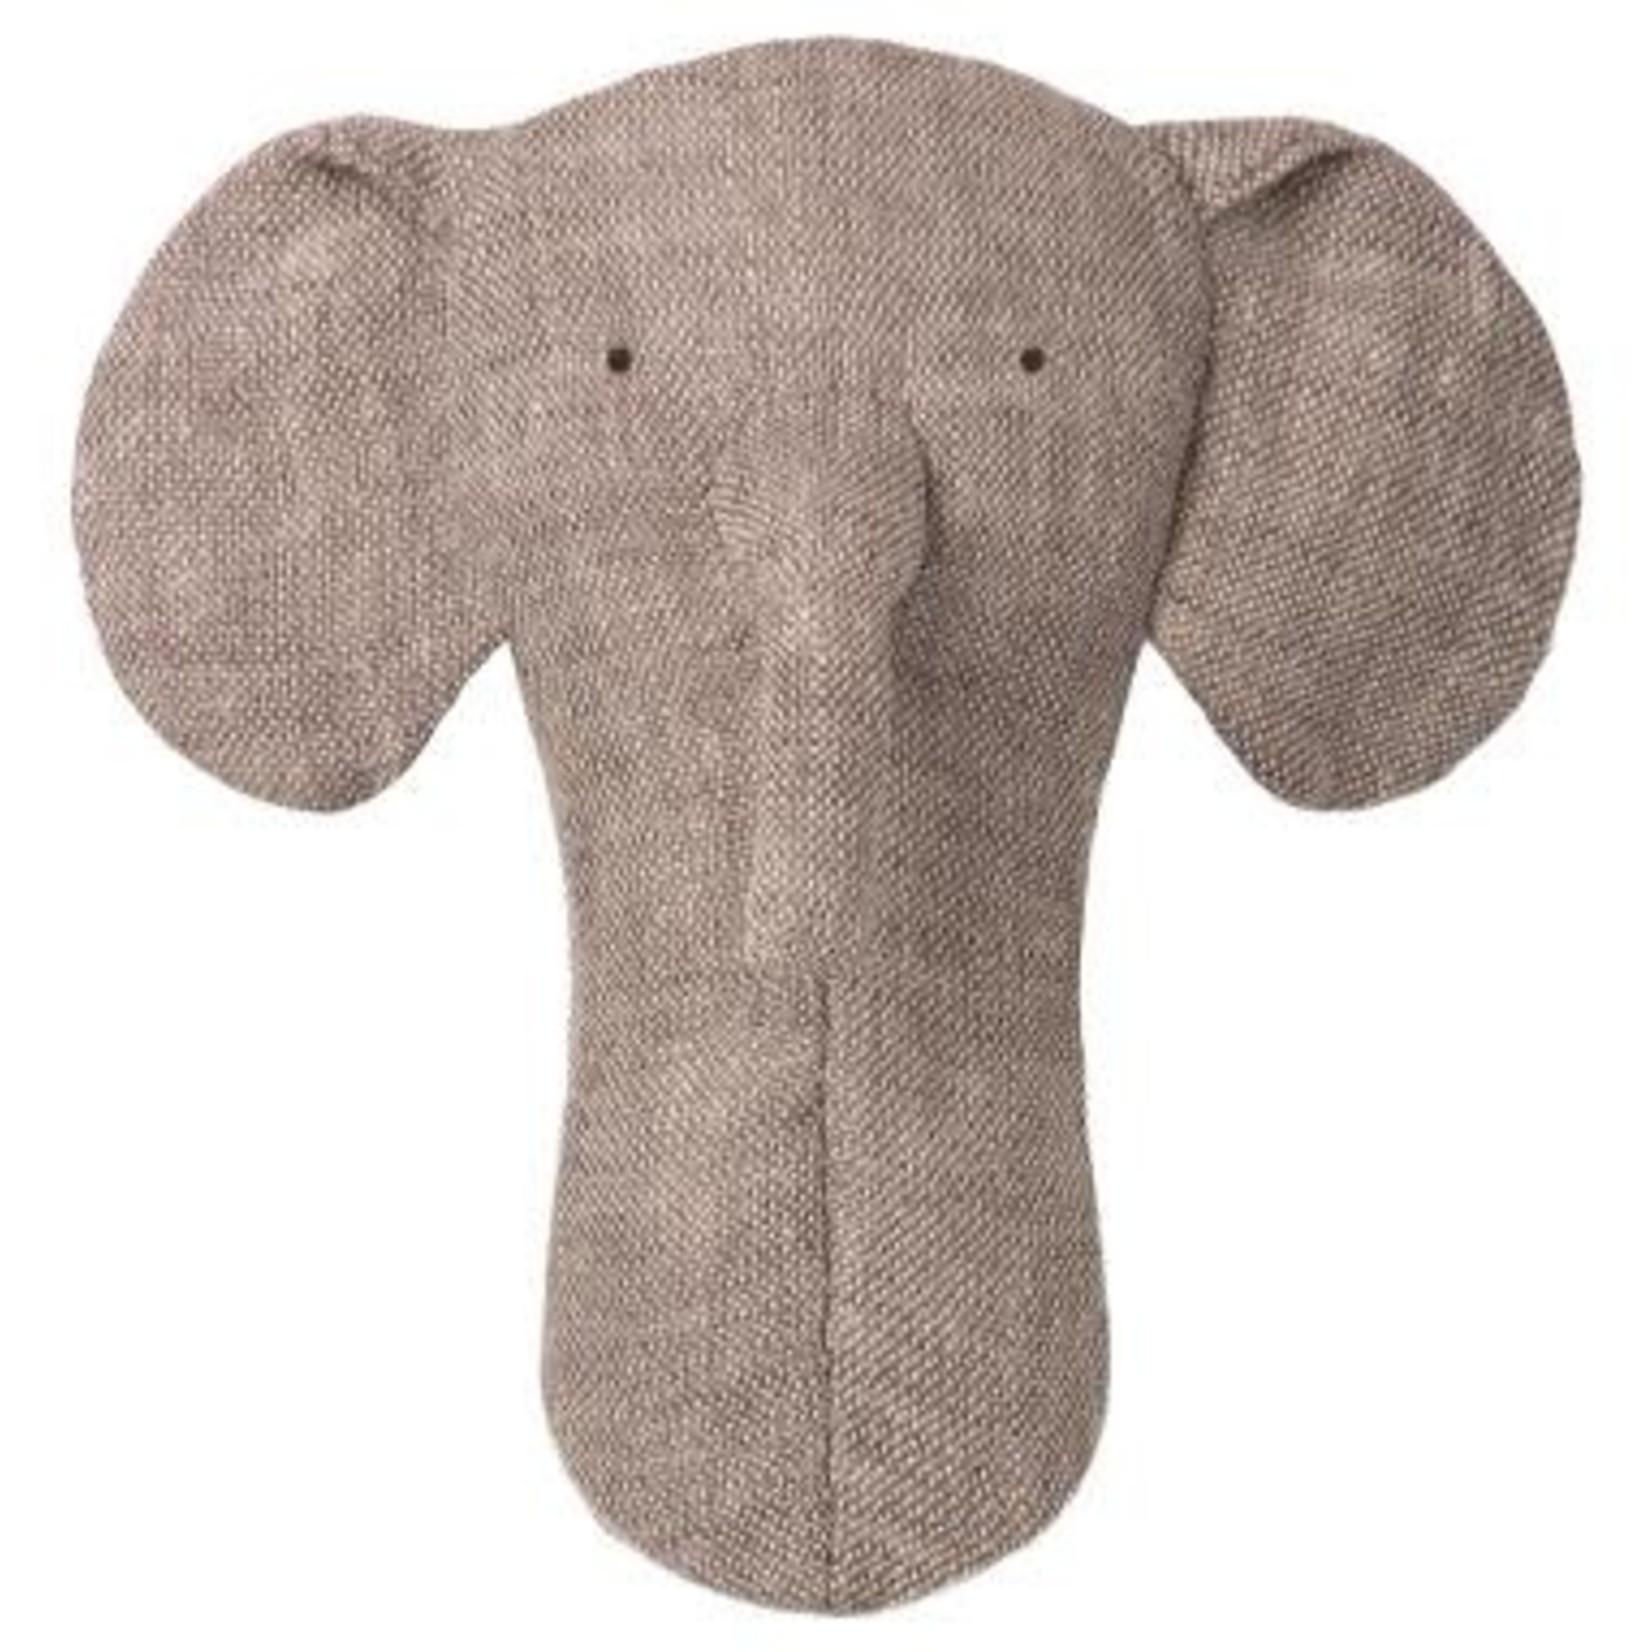 MAILEG Maileg Noahs Friends Elephant Rattle